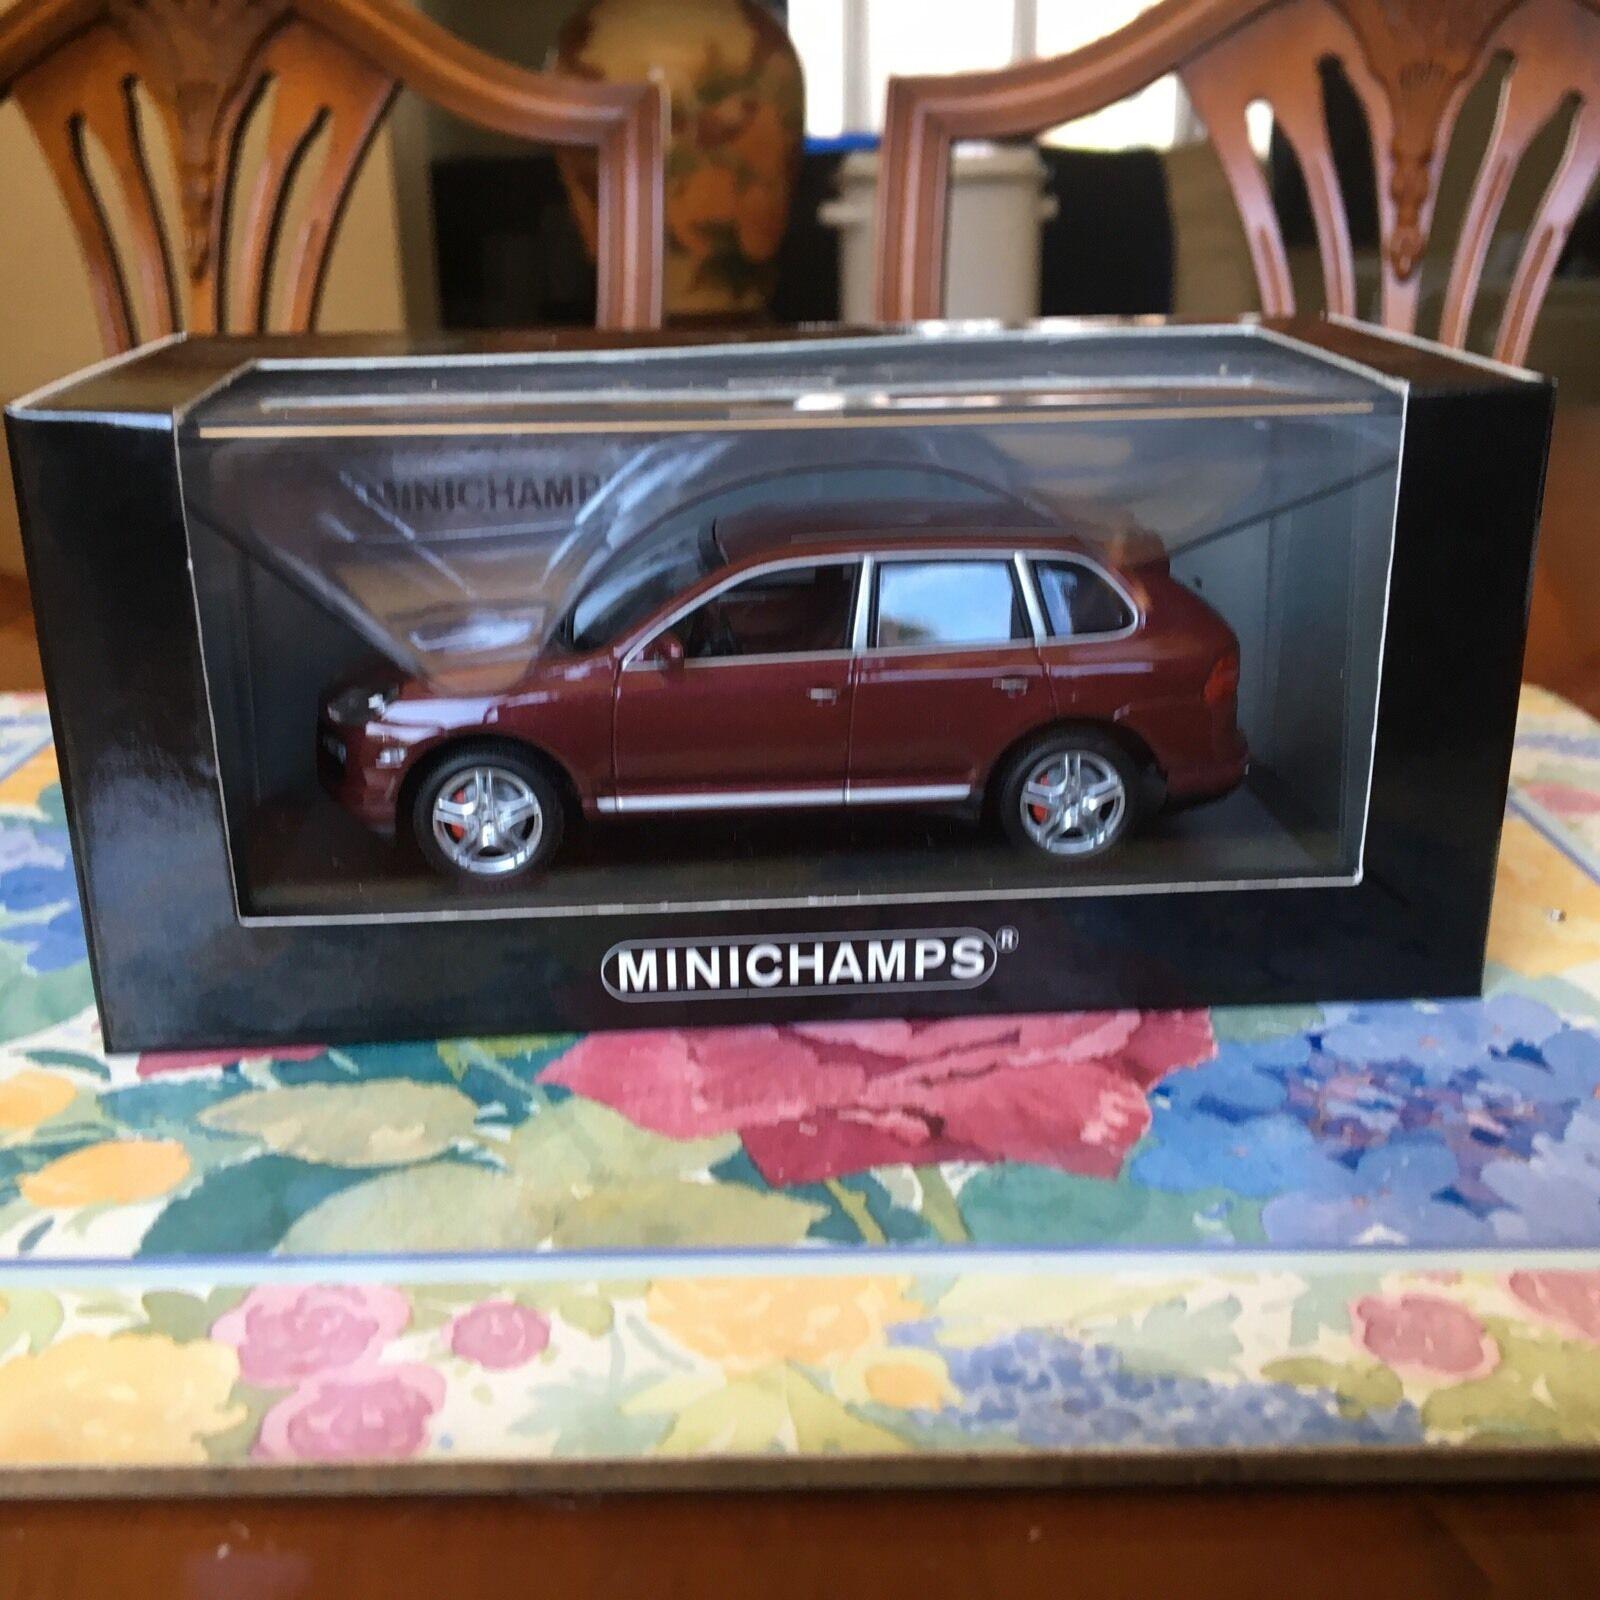 Minichamps Porsche Cayenne Turbo In Carmona Red. 2007 Model in 1 43 scale